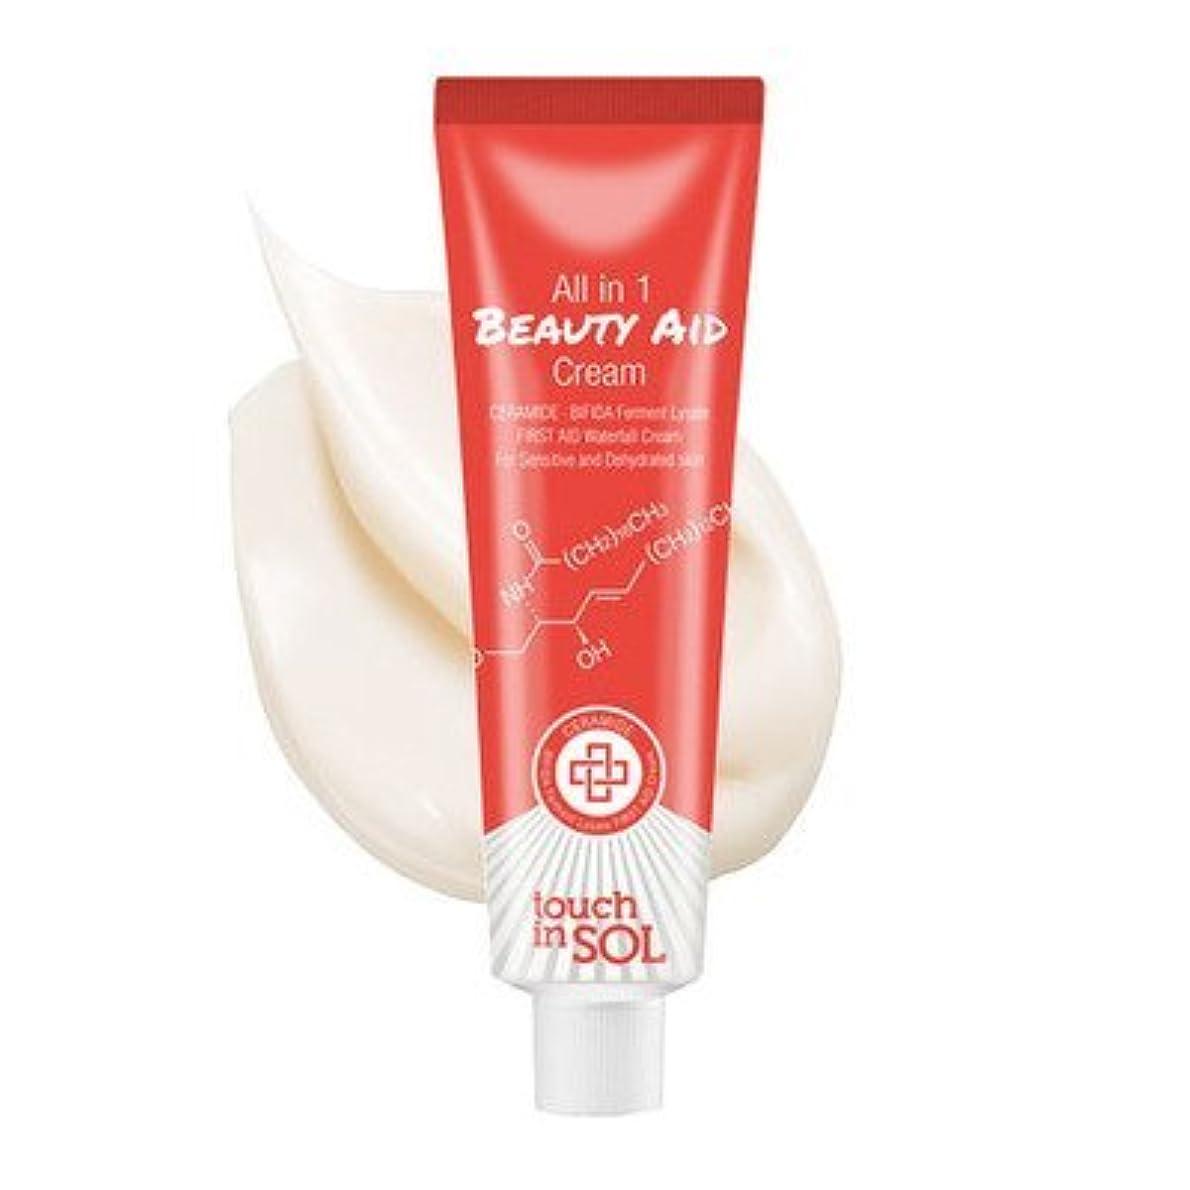 抽象国内のラップトップTOUCH IN SOL((タッチ イン ソル)オールインワンビューティーエードクリーム/(TOUCH IN SOL)beauty aid cream [並行輸入品]